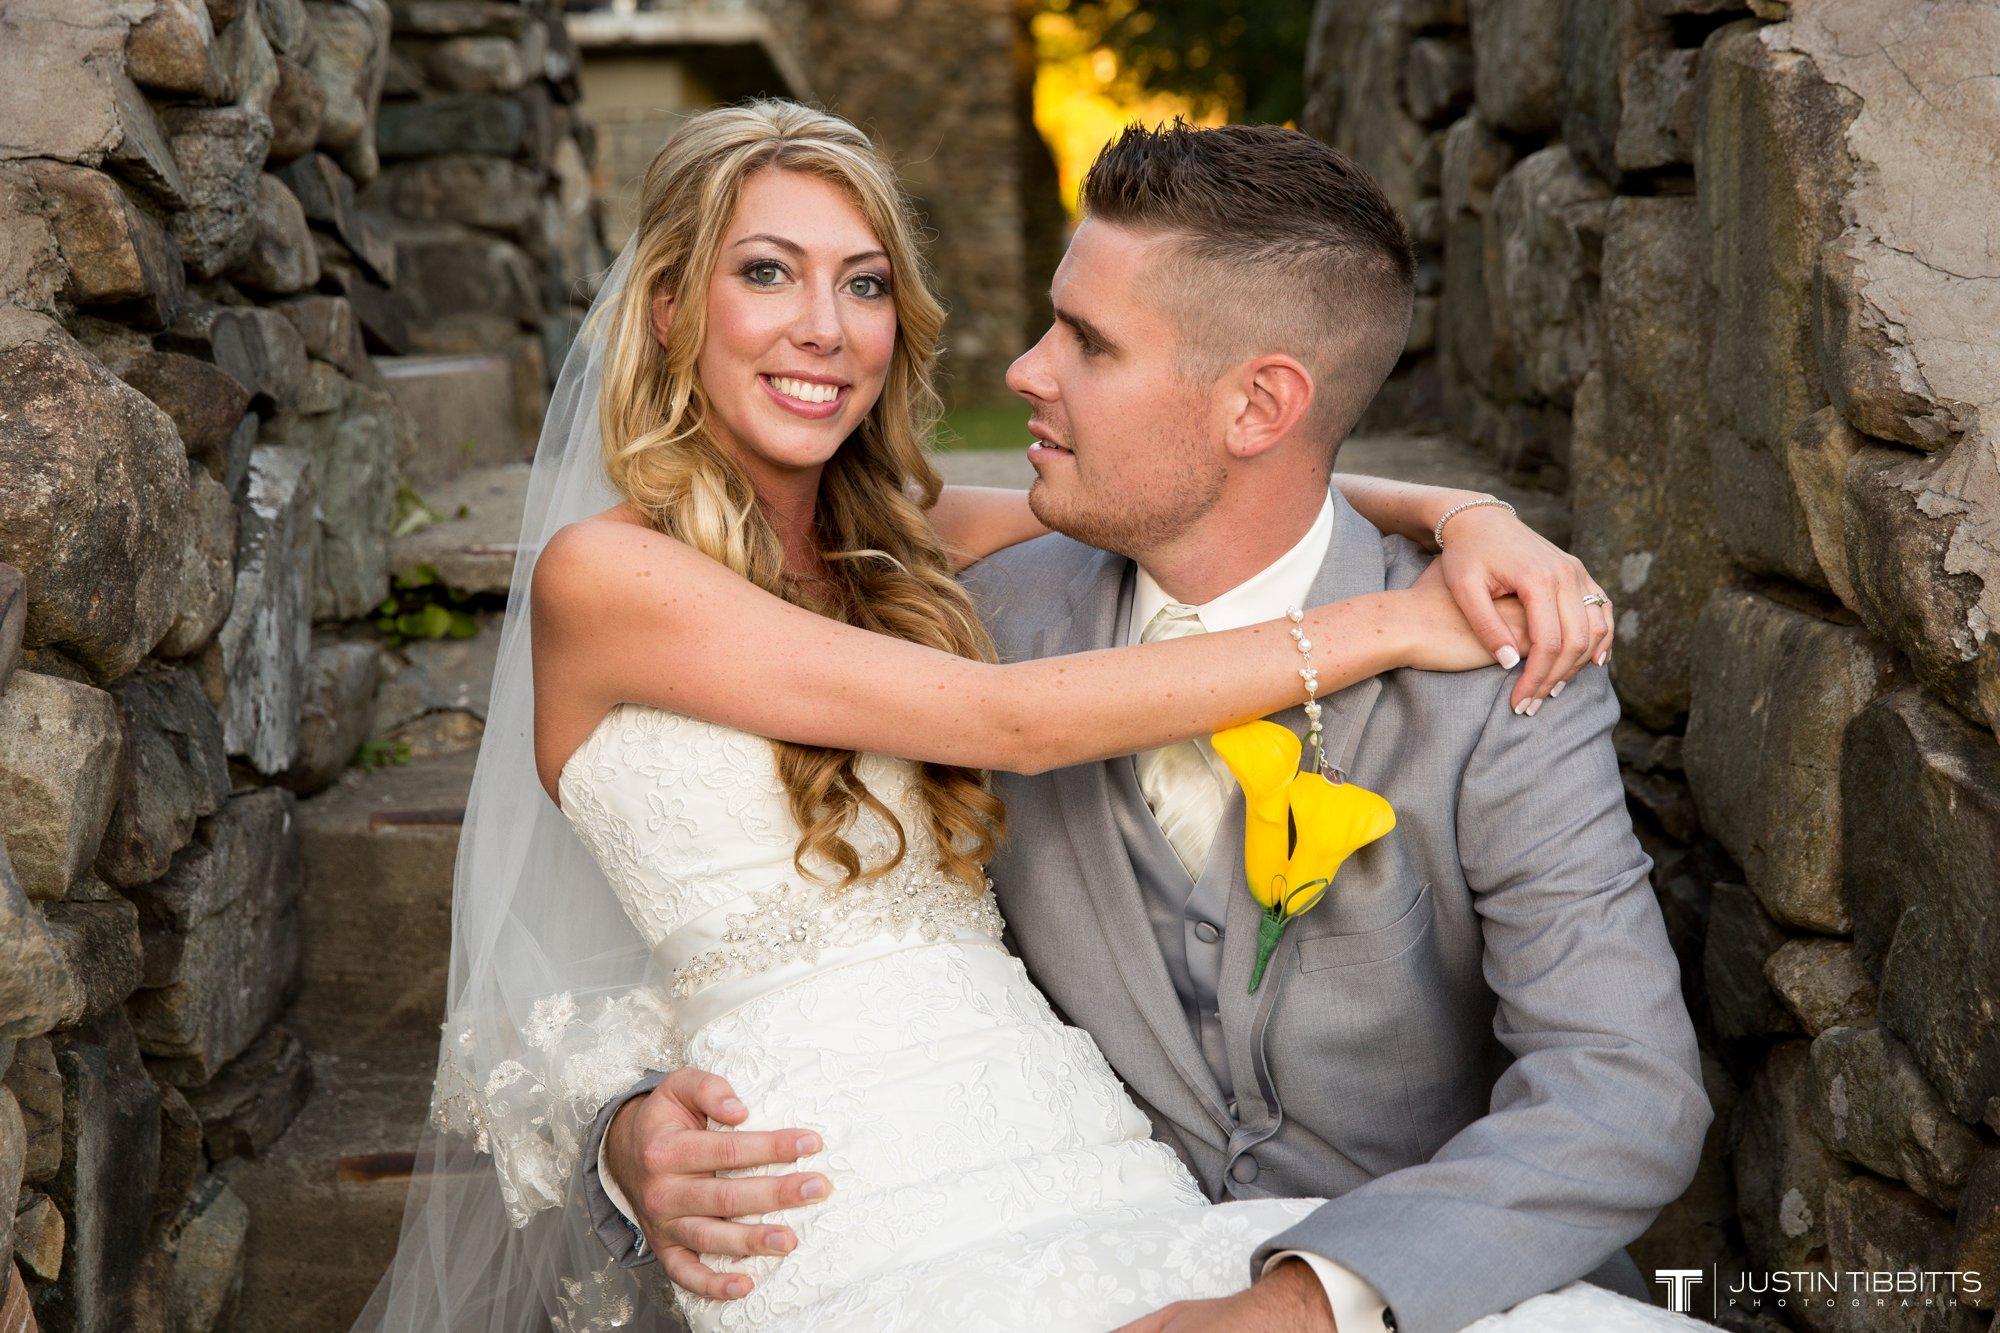 Albany NY Wedding Photographer Justin Tibbitts Photography 2014 Best of Albany NY Weddings-11213527